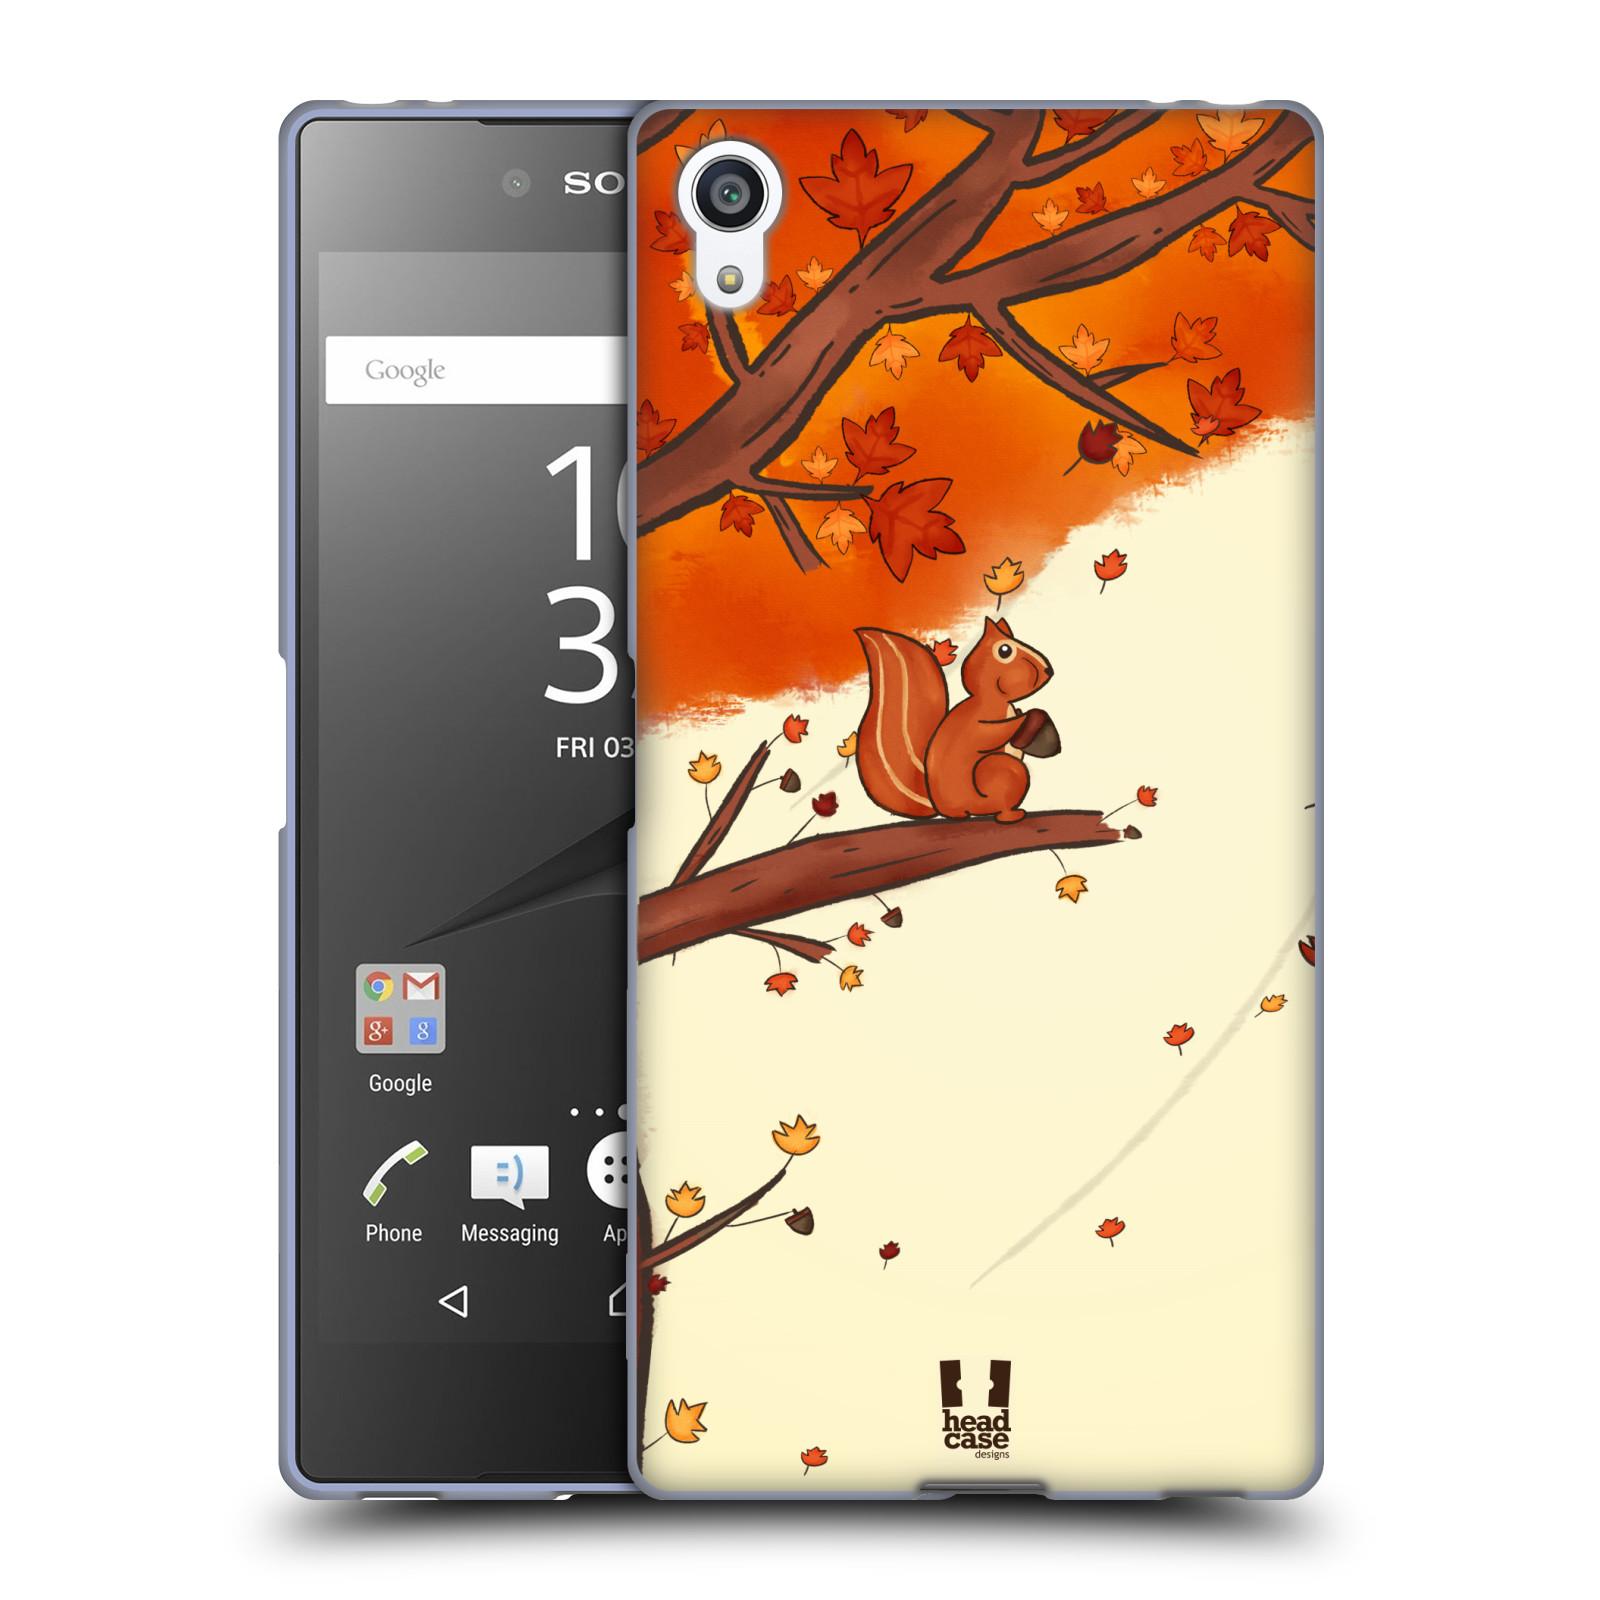 Silikonové pouzdro na mobil Sony Xperia Z5 Premium HEAD CASE PODZIMNÍ VEVERKA